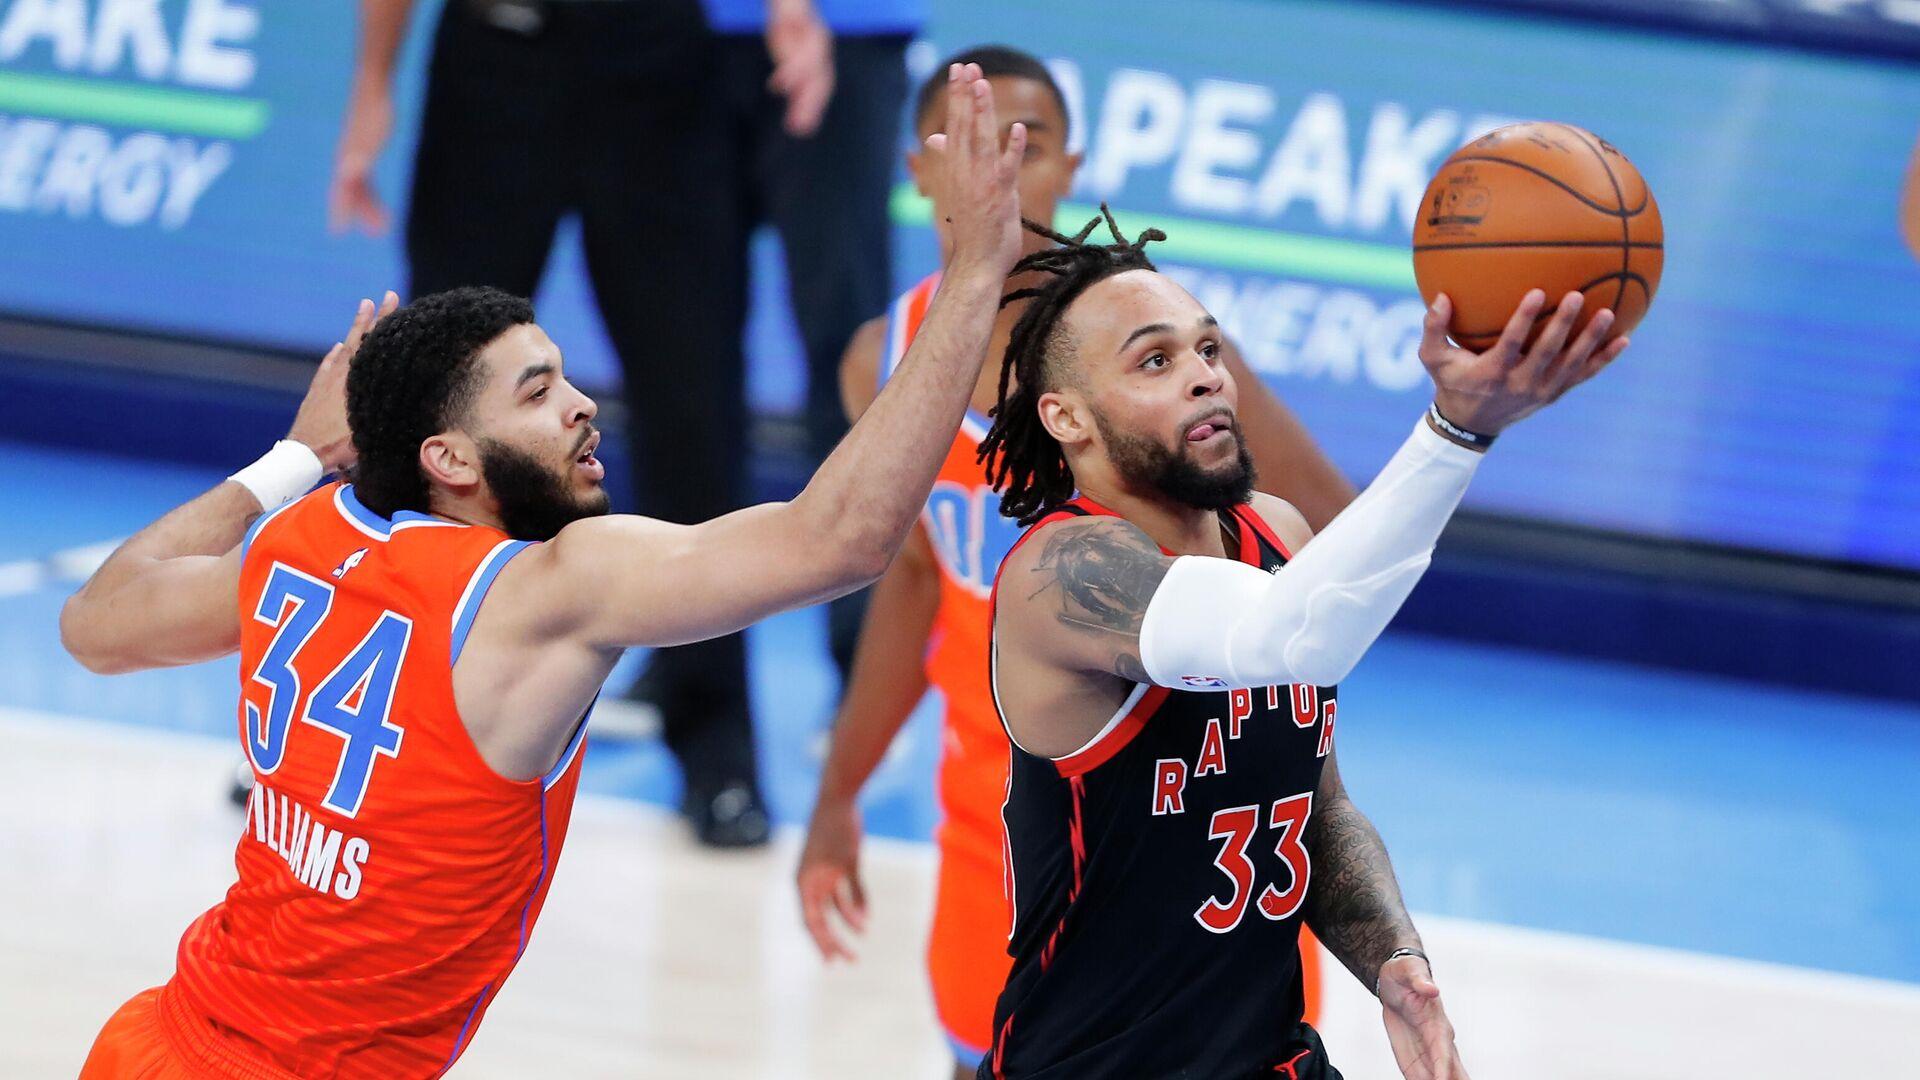 Игровой момент матча НБА Торонто Рэпторс - Голден Стэйт Уорриорз - РИА Новости, 1920, 03.04.2021